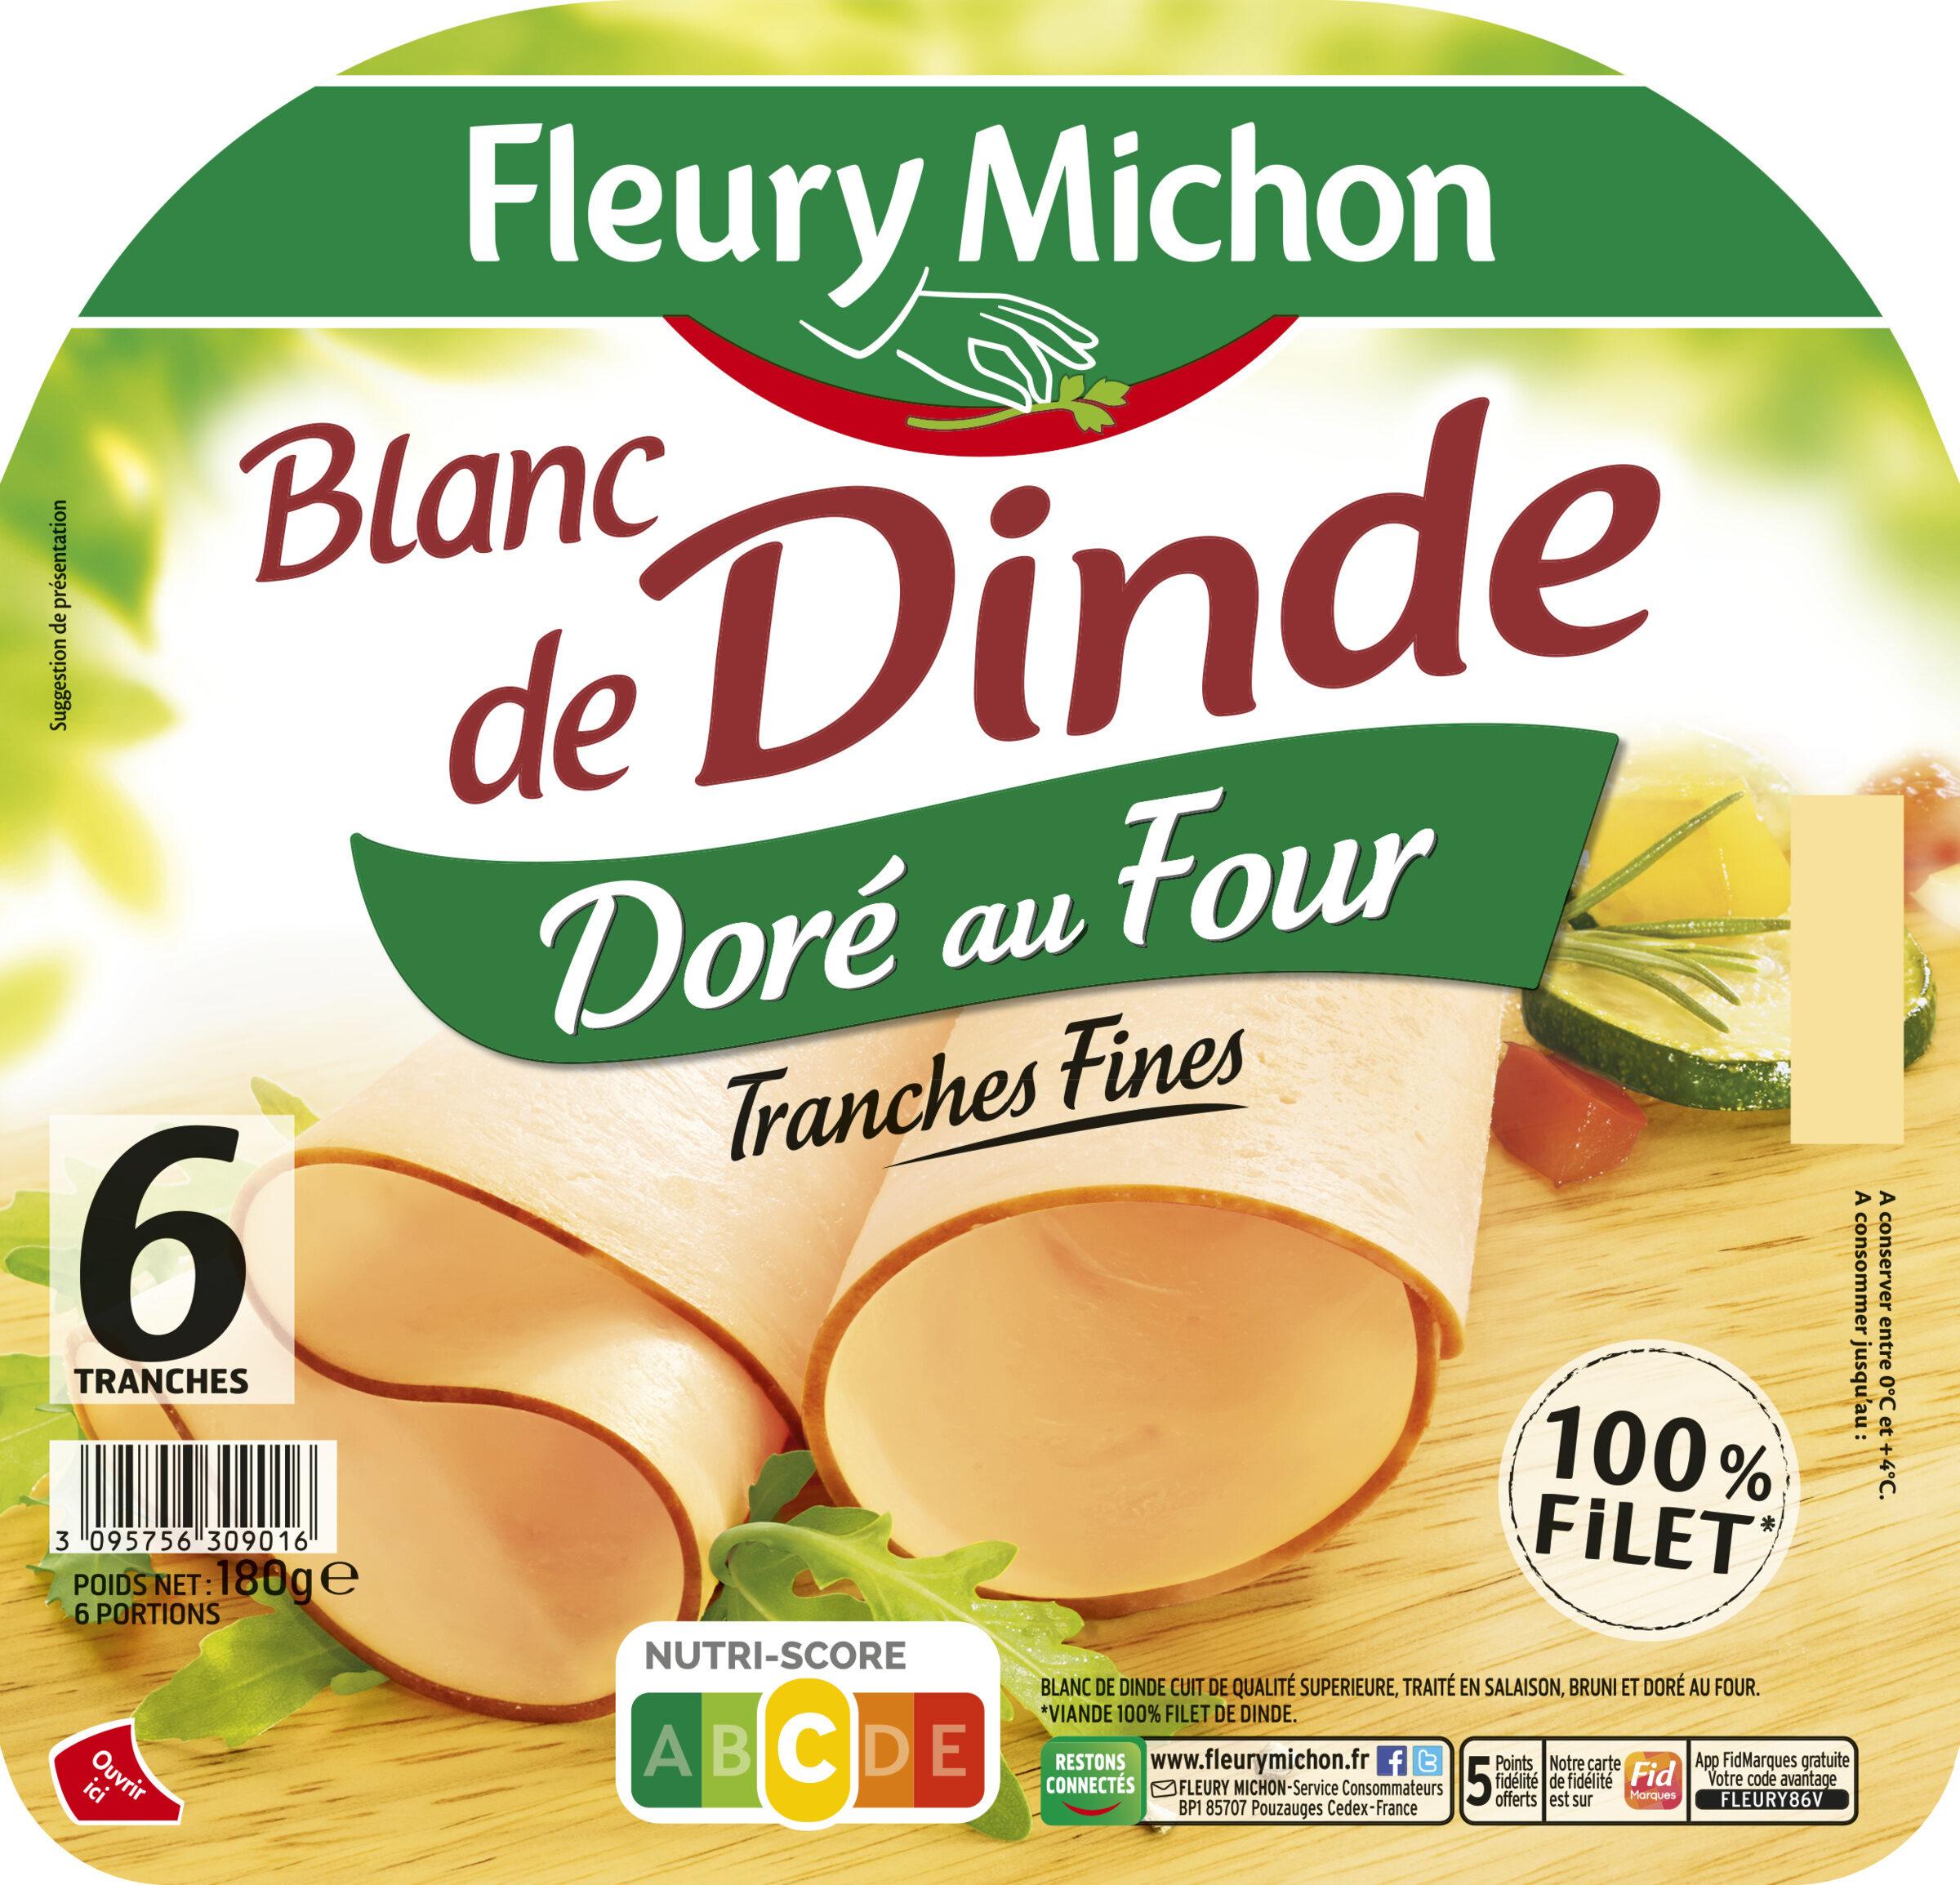 Blanc de dinde Doré au four - Продукт - fr